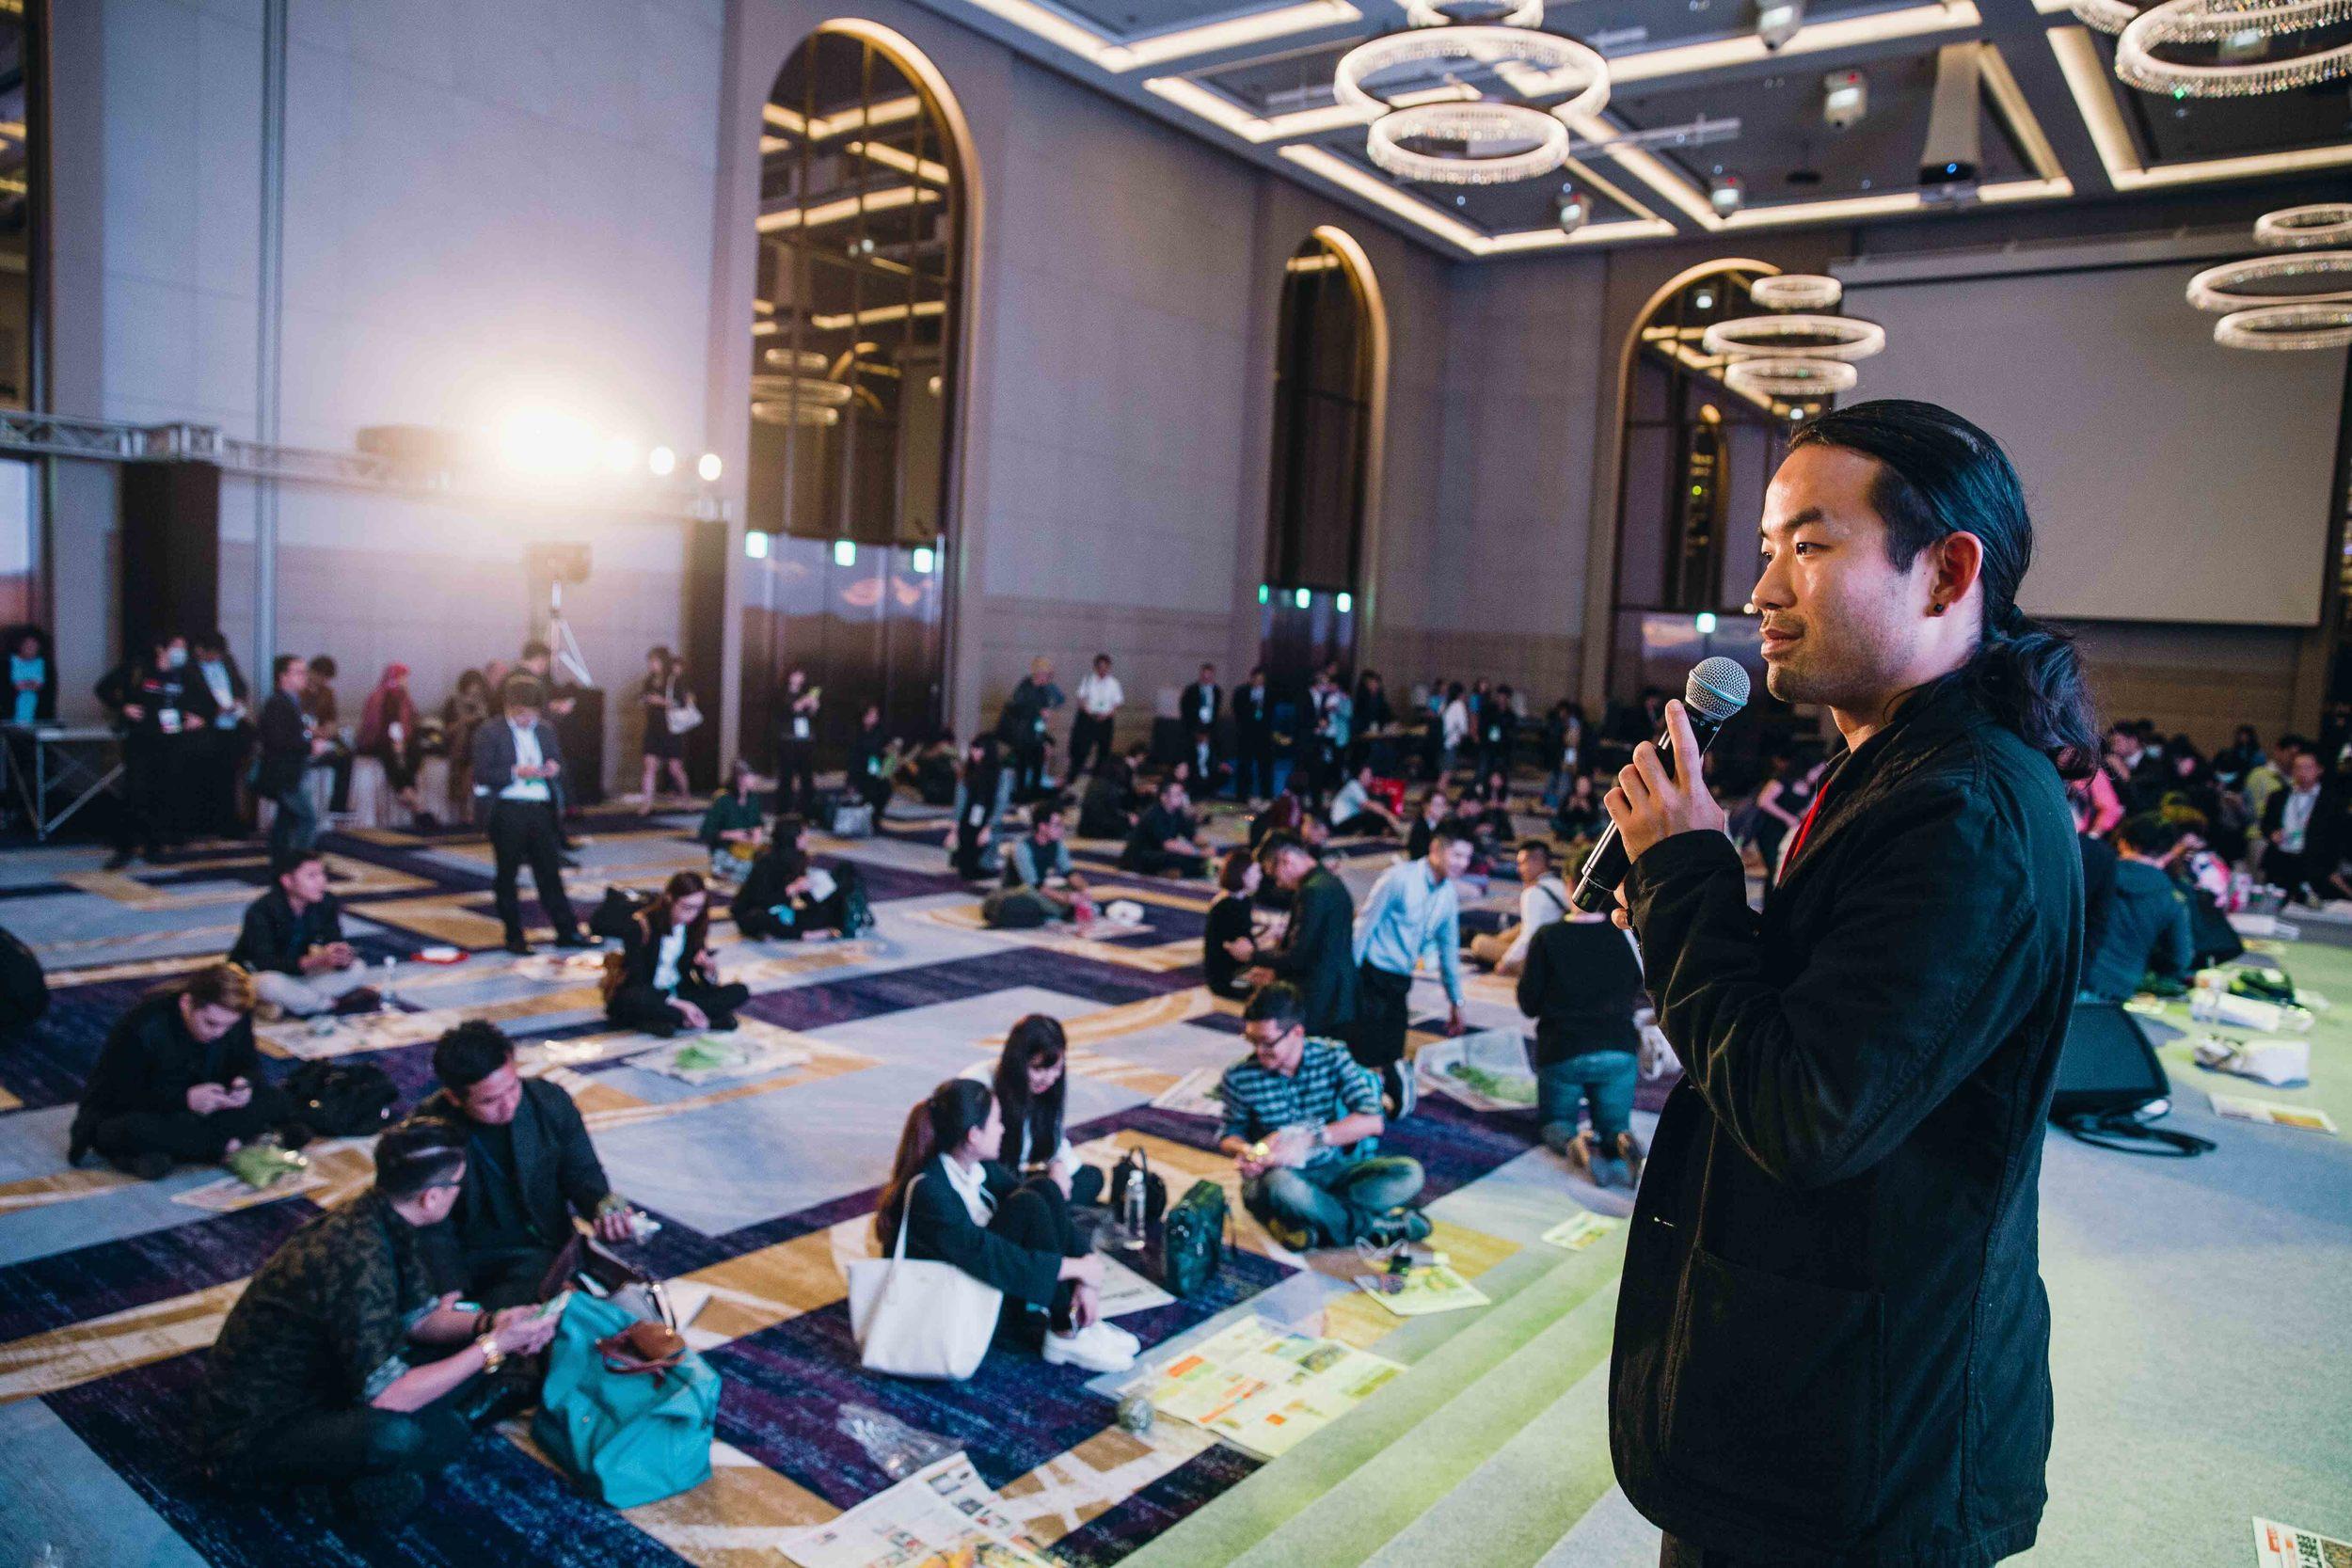 Wuz_newwebsite_event_149.JPG